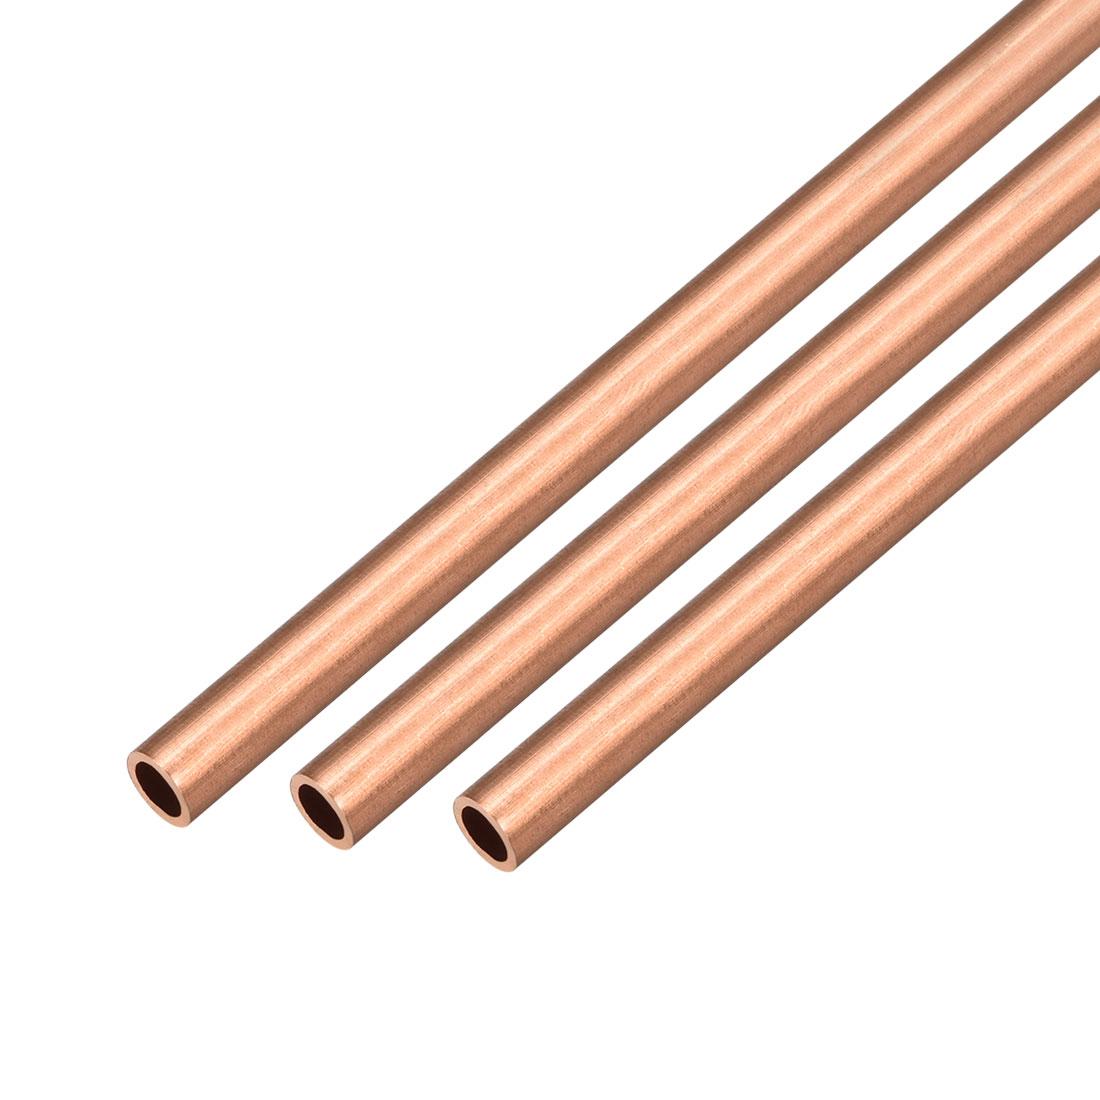 3Pcs 7mm Outside Diameter x 5mm Inside Diameter 500mm Copper Round Tube Pipe